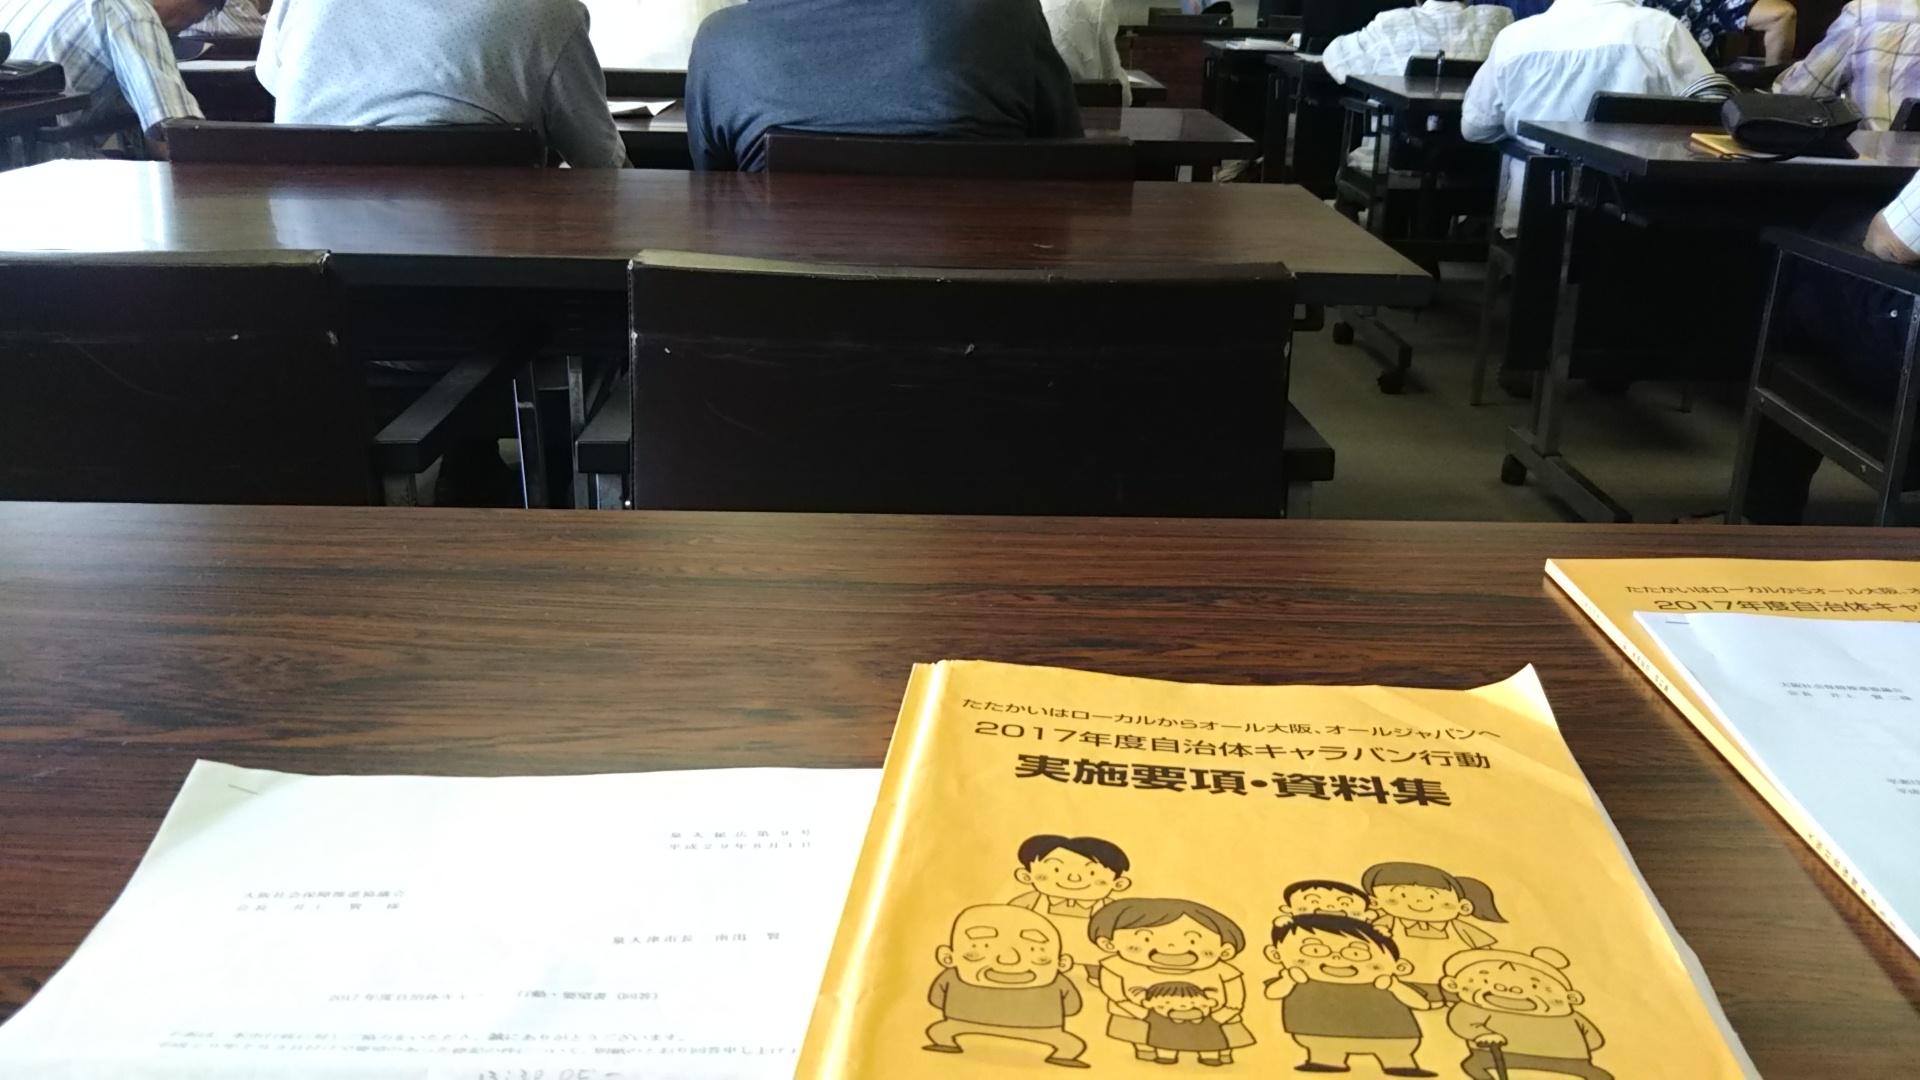 大阪社会保障推進協議会の自治体キャラバンで、泉大津市と懇談